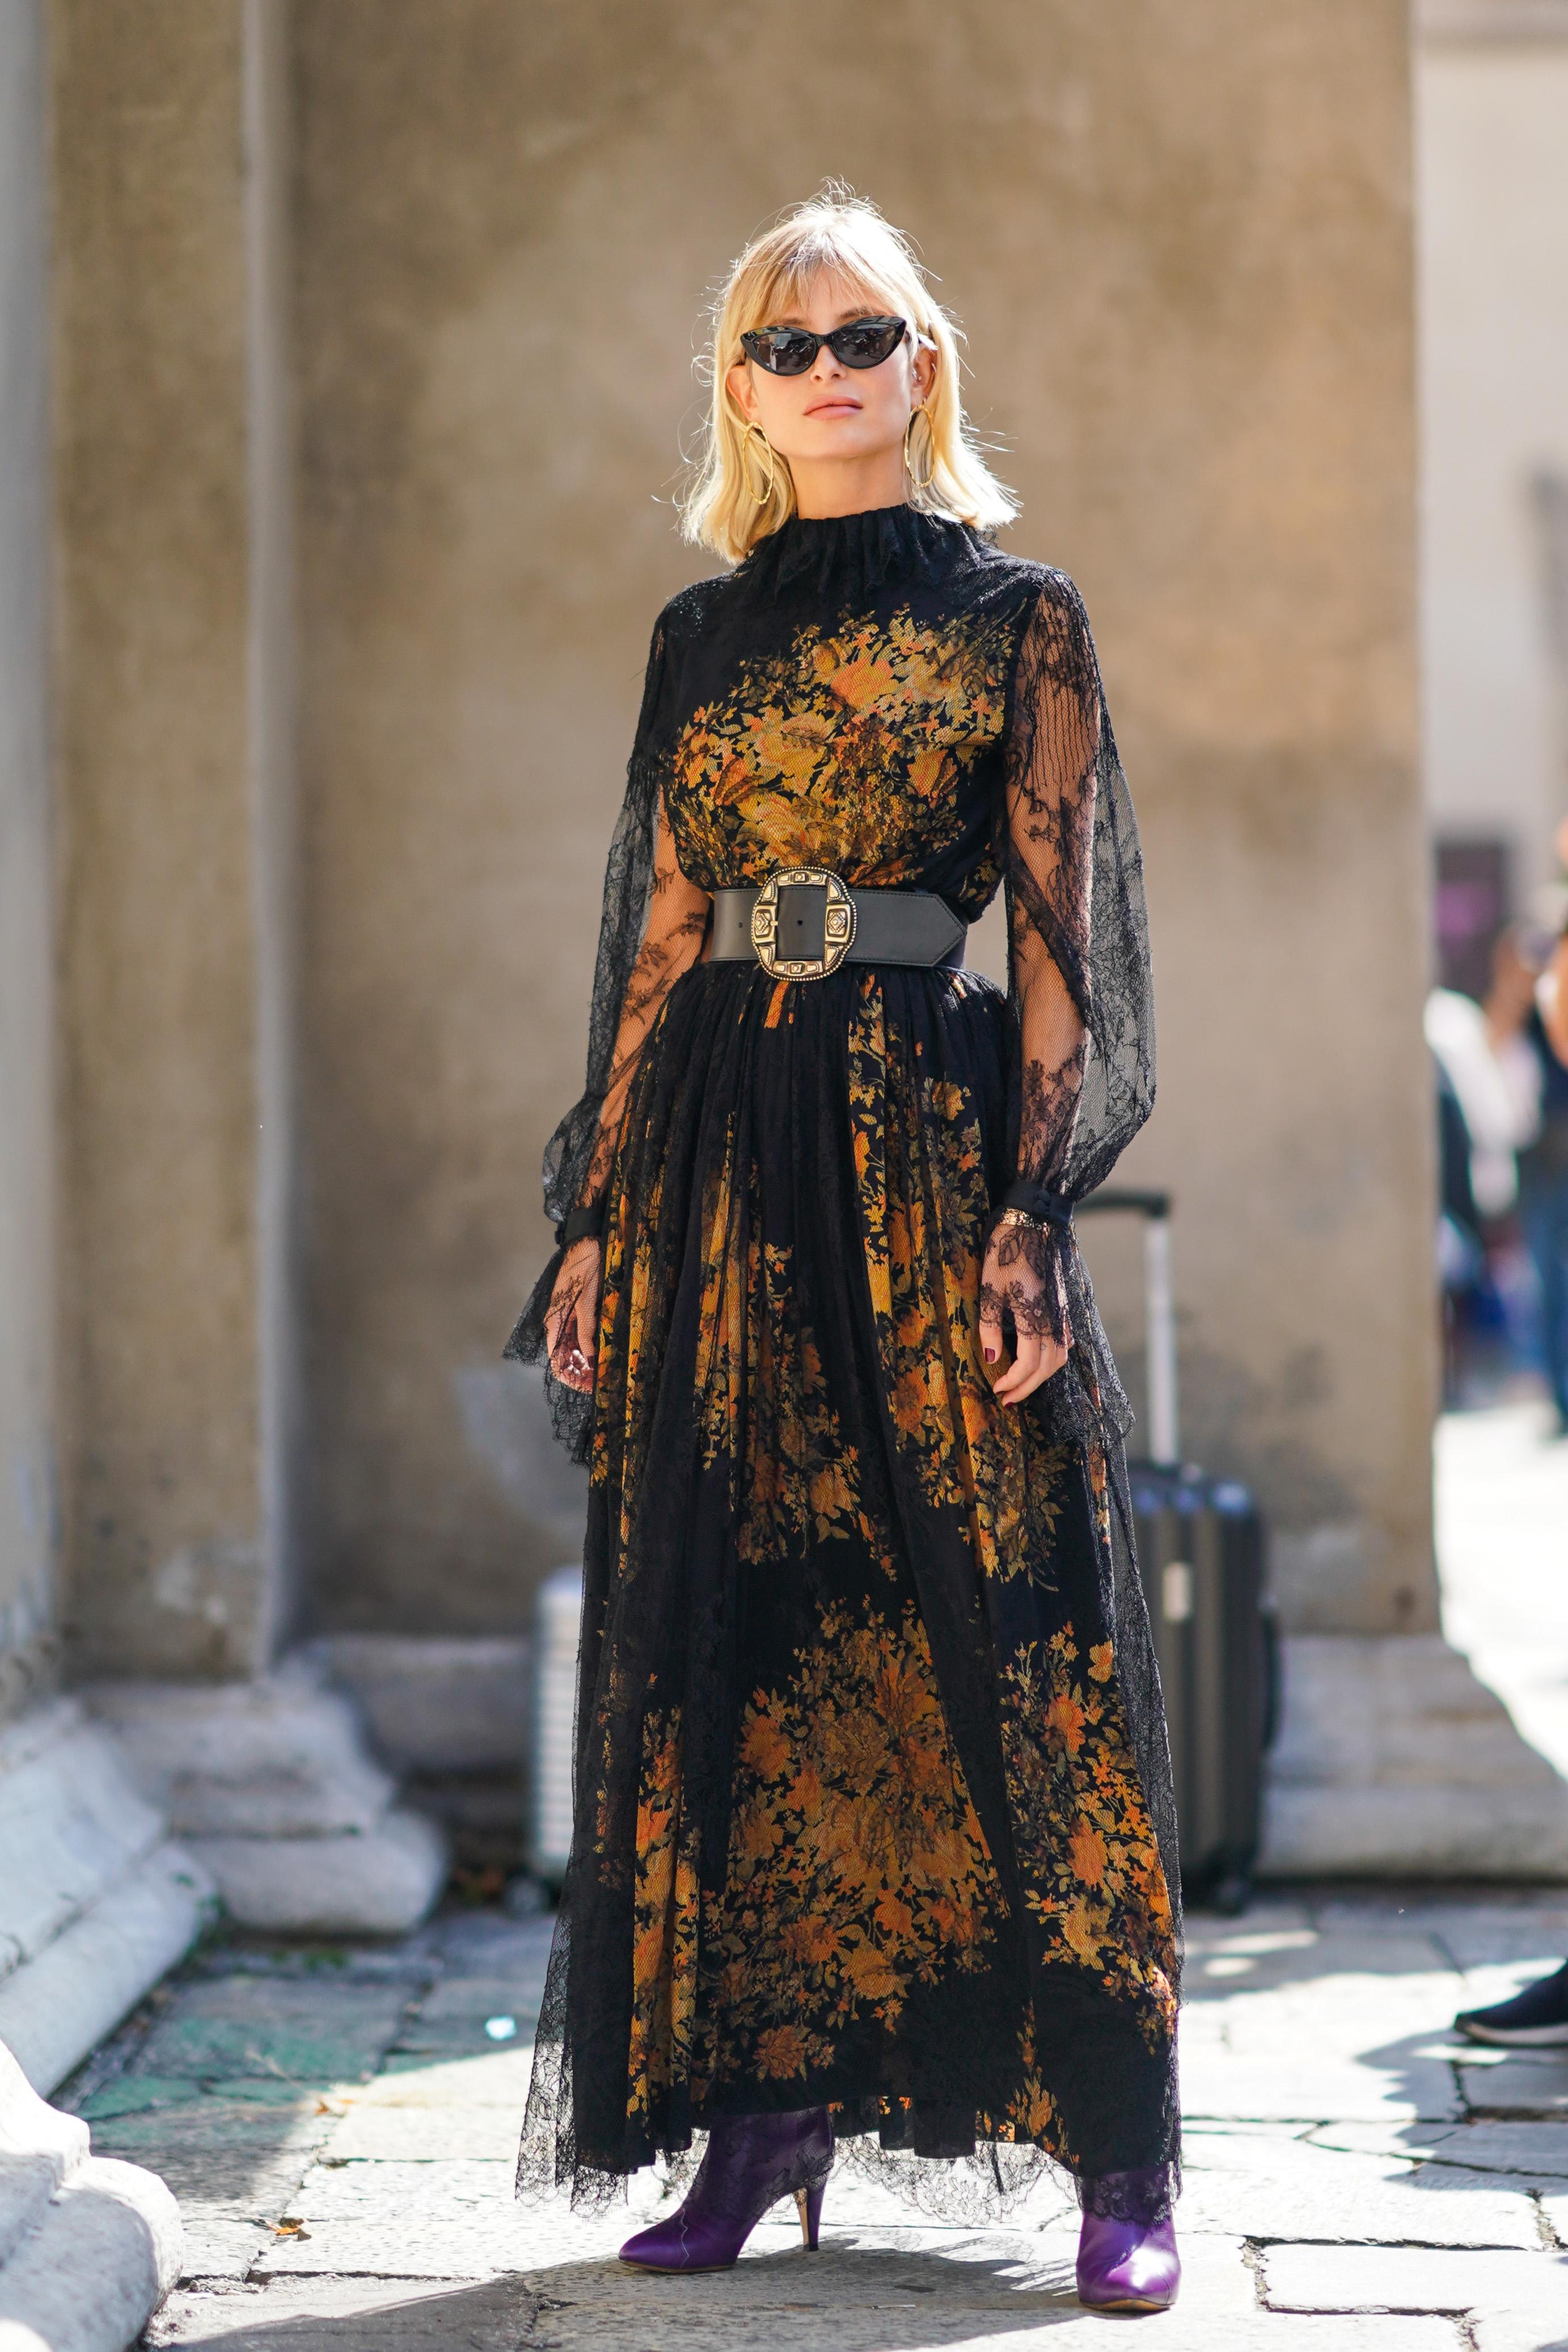 透け感あるレーシーなドレスは、そのフェミニンさを活かしつつ、存在感ある小物使いで個性をトッピング。ビッグバックルのベルトはどこかヴィンテージ感があってドレスのデザイン性を引き立ててくれる。